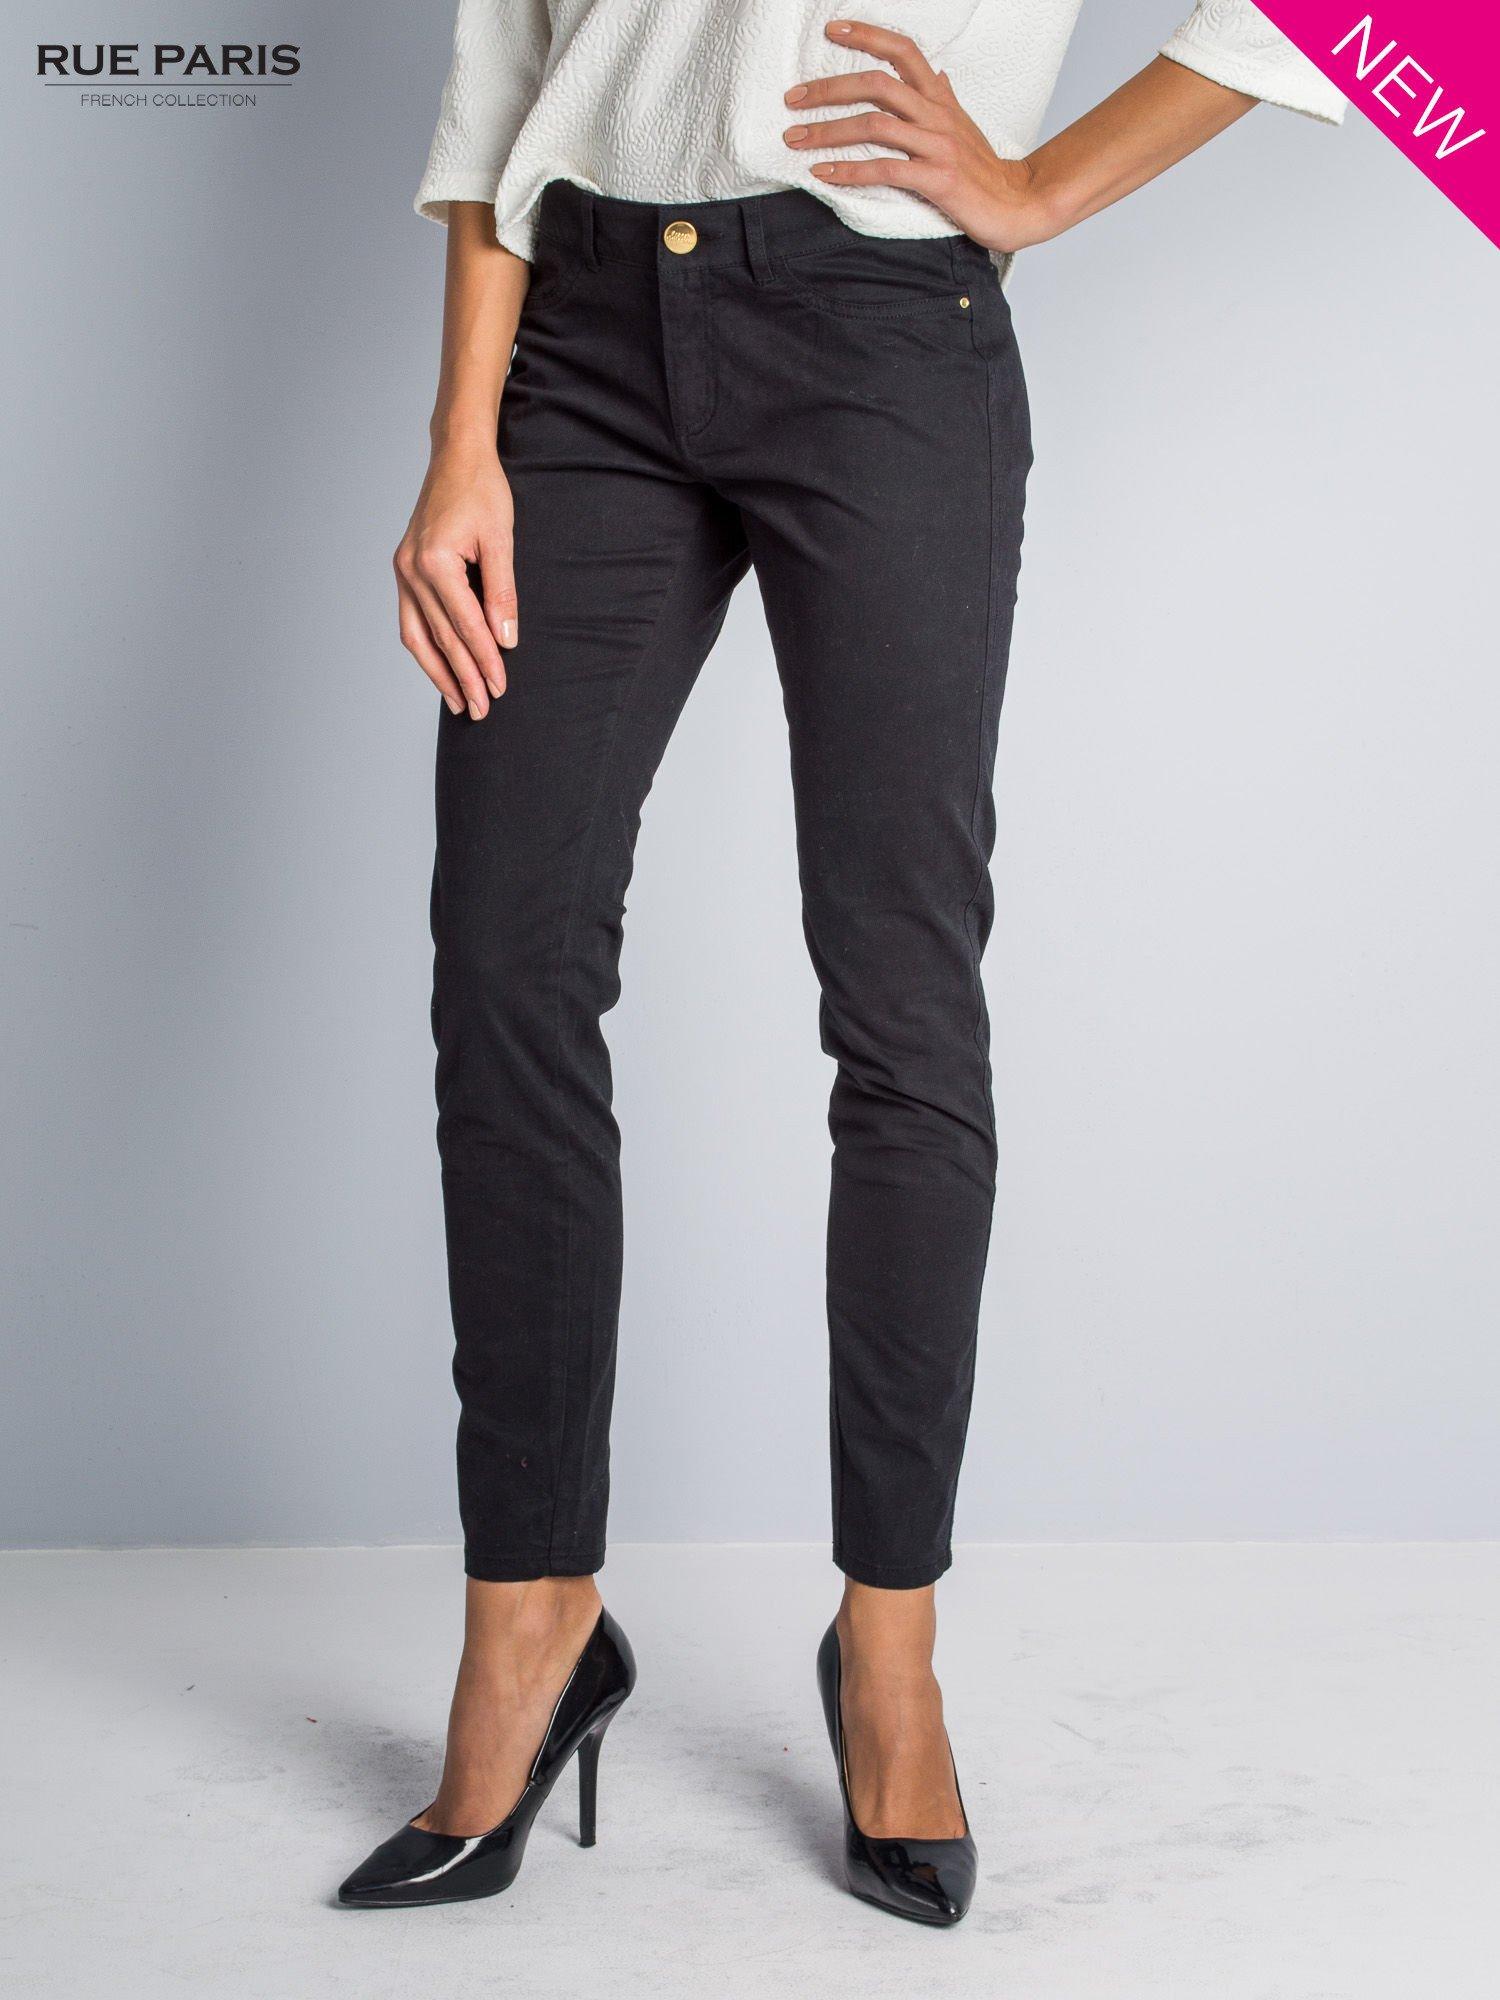 Czarne spodnie materiałowe w stylu chinos                                  zdj.                                  1